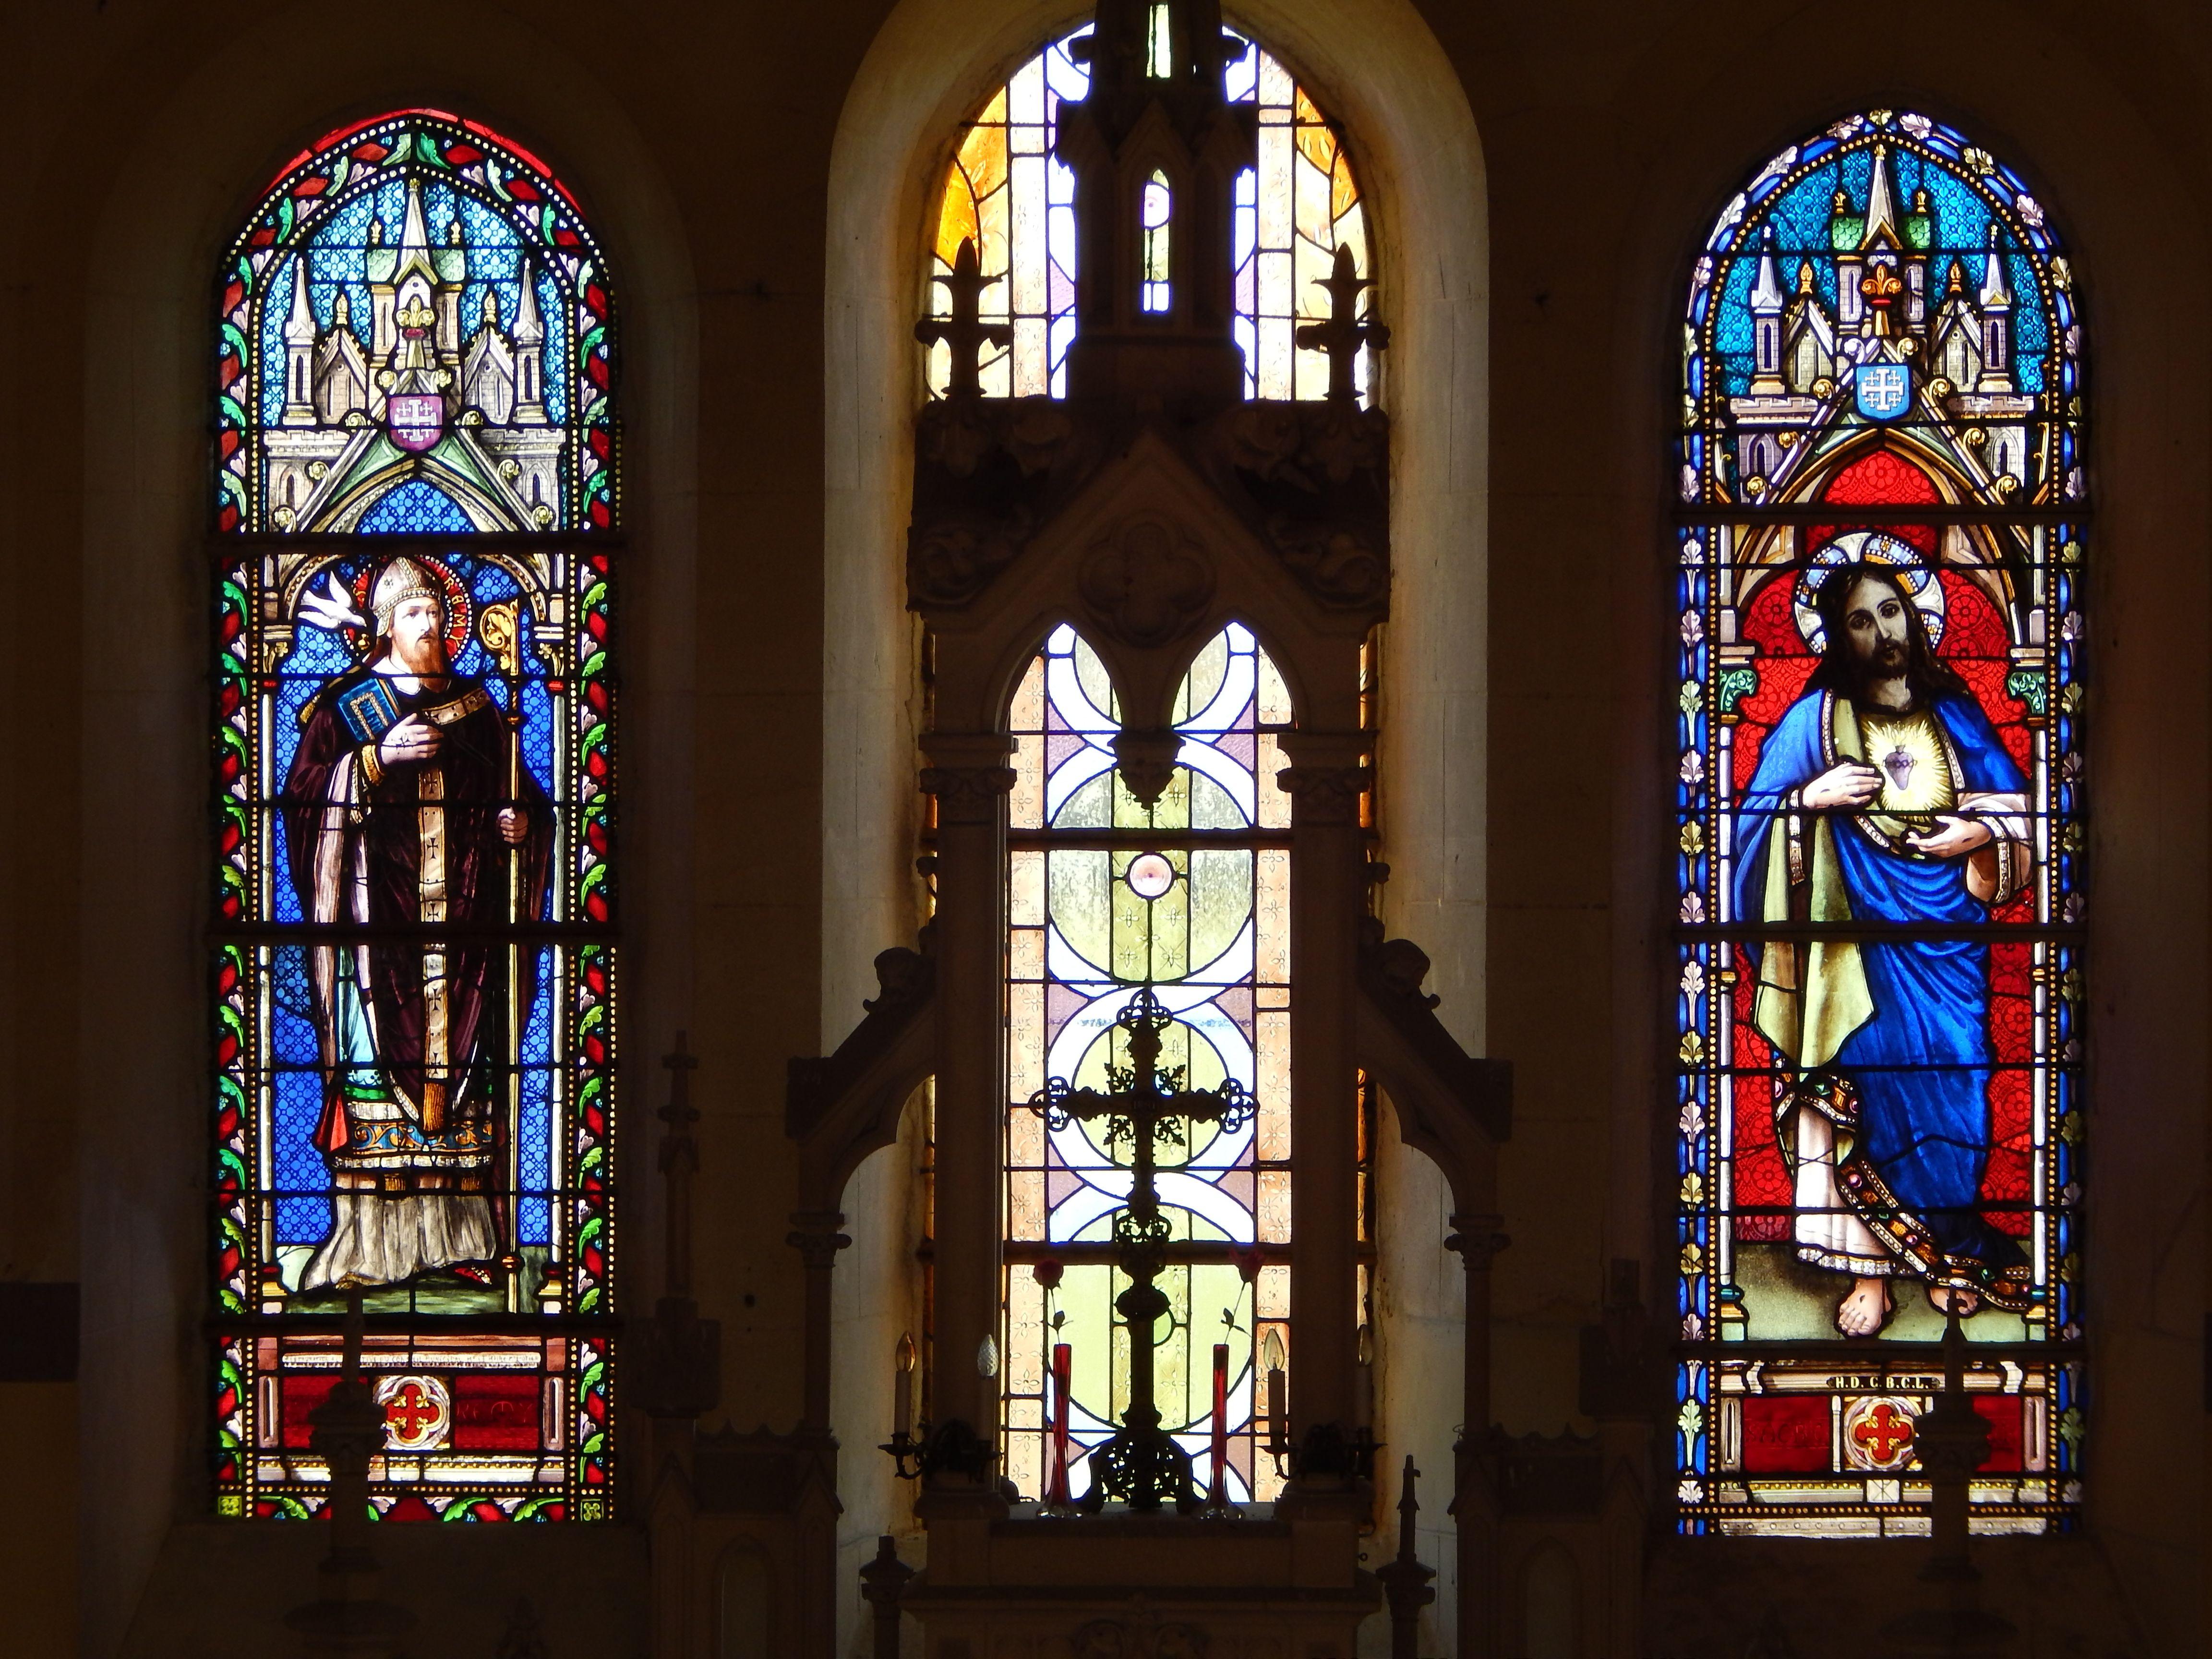 Vitraux de L'Eglise de Coucy